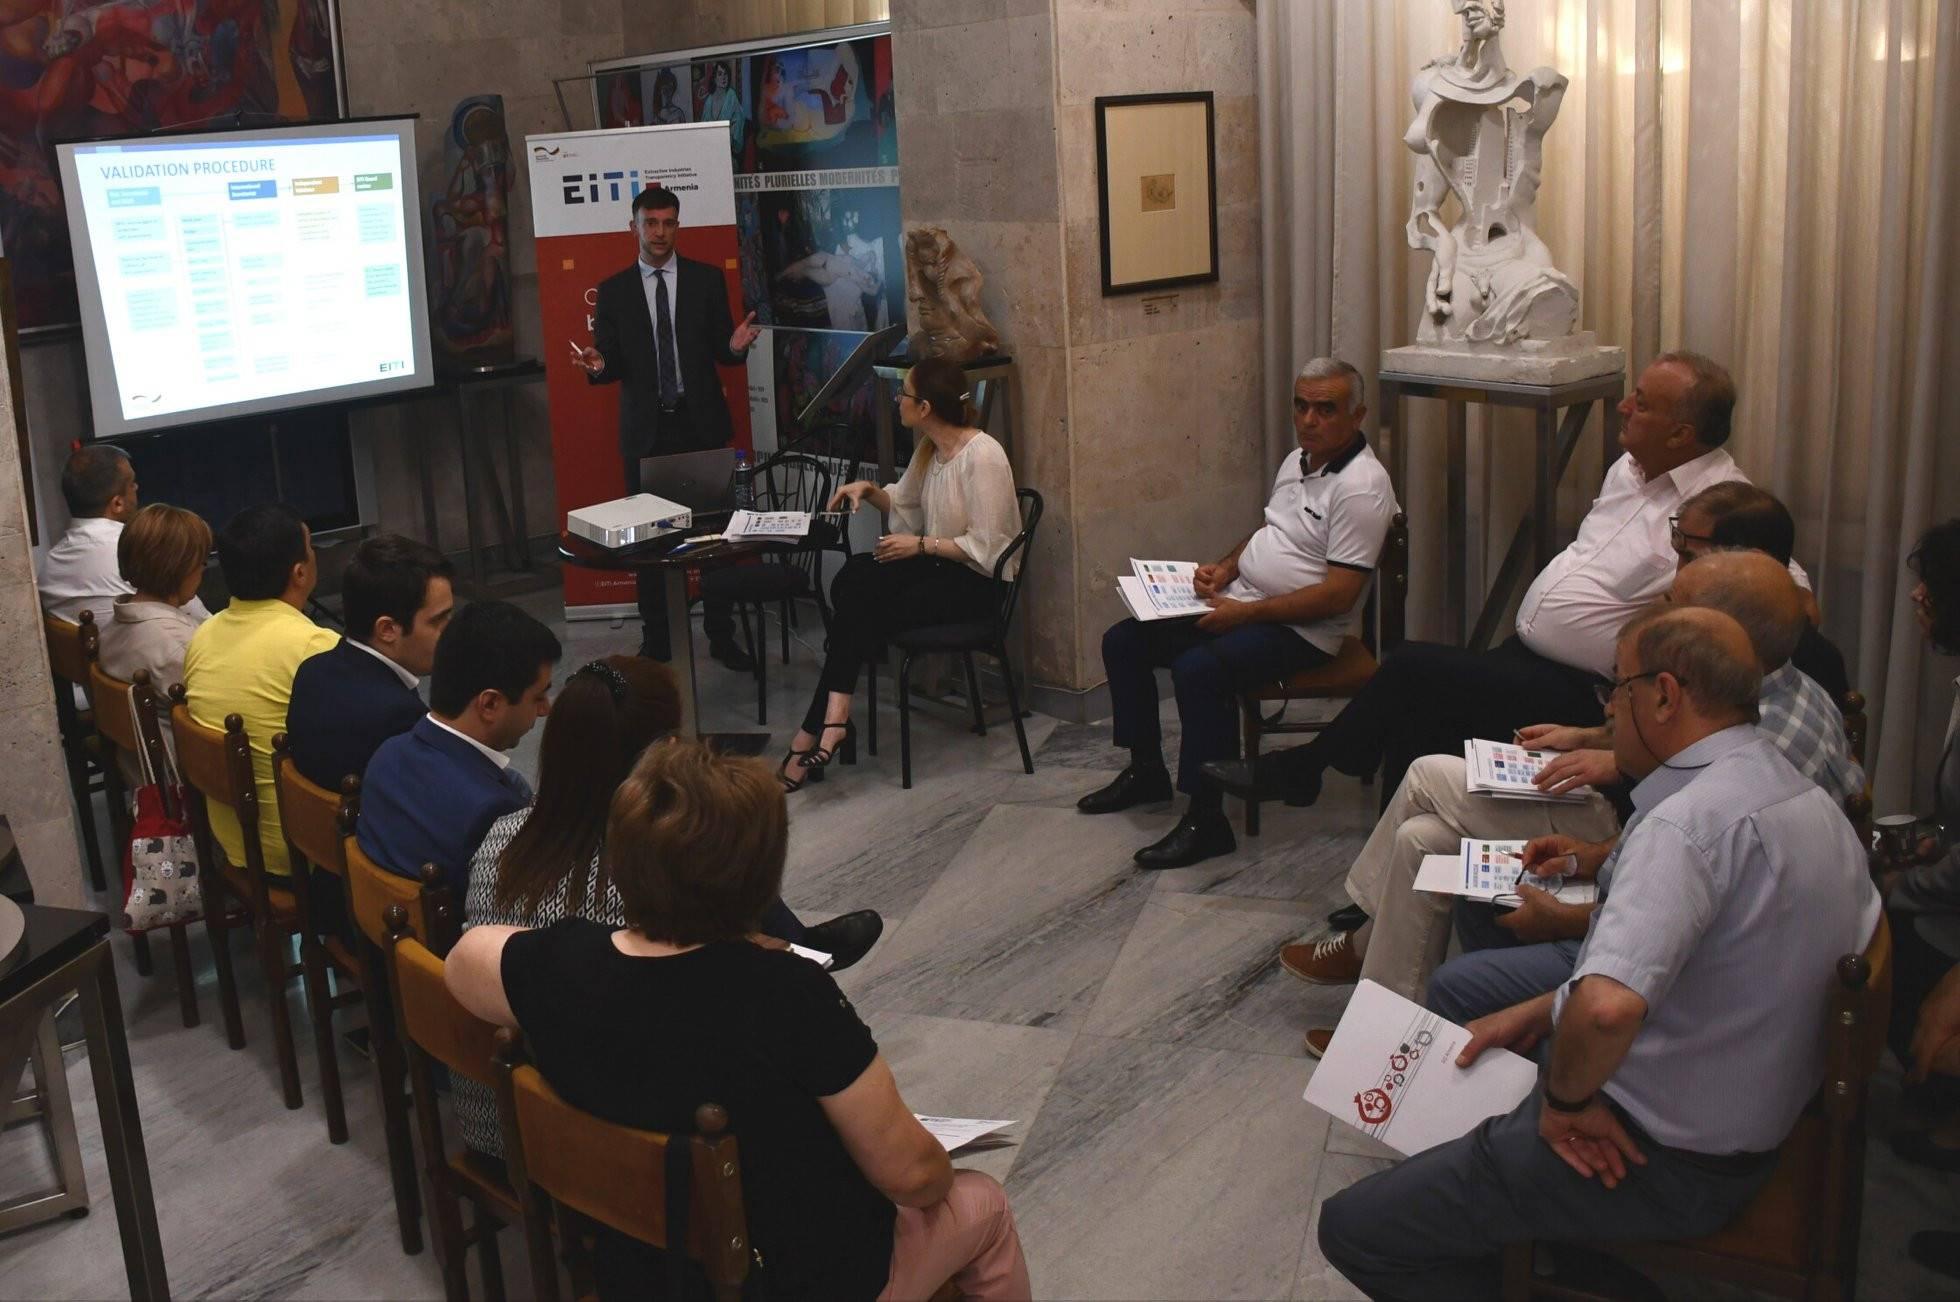 Տեղի ունեցավ նախավավերացման աշխատաժողով Հայաստանի ԱՃԹՆ-ի բազմաշահառու խմբի և ԱՃԹՆ-ի քարտուղարության հետ